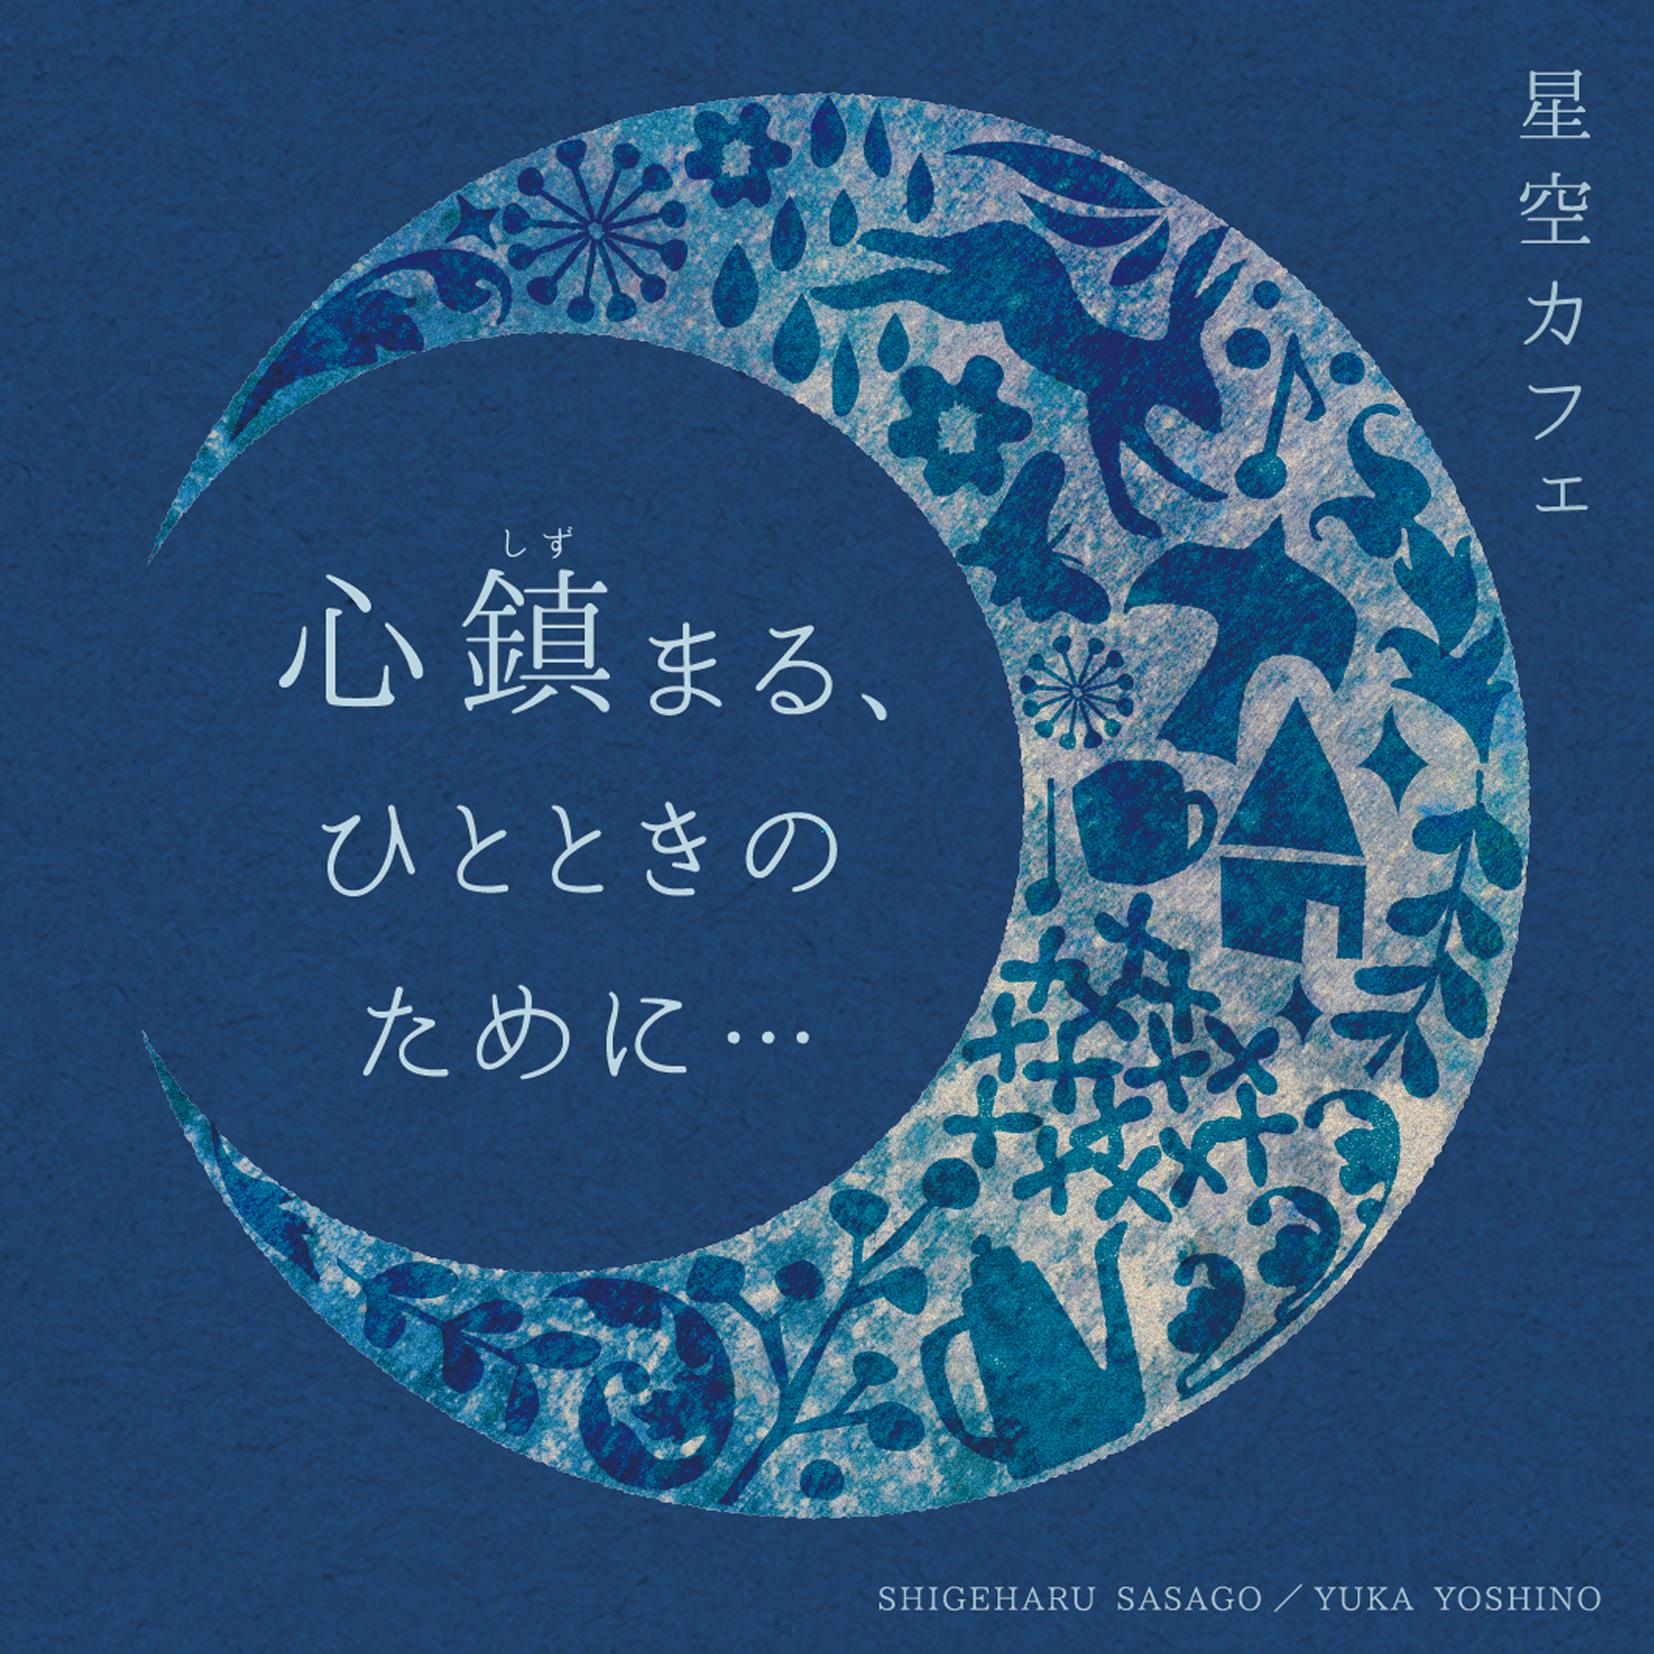 Image of - 星空カフェ -  心鎮まる、ひとときのために… / 笹子重治&吉野友加